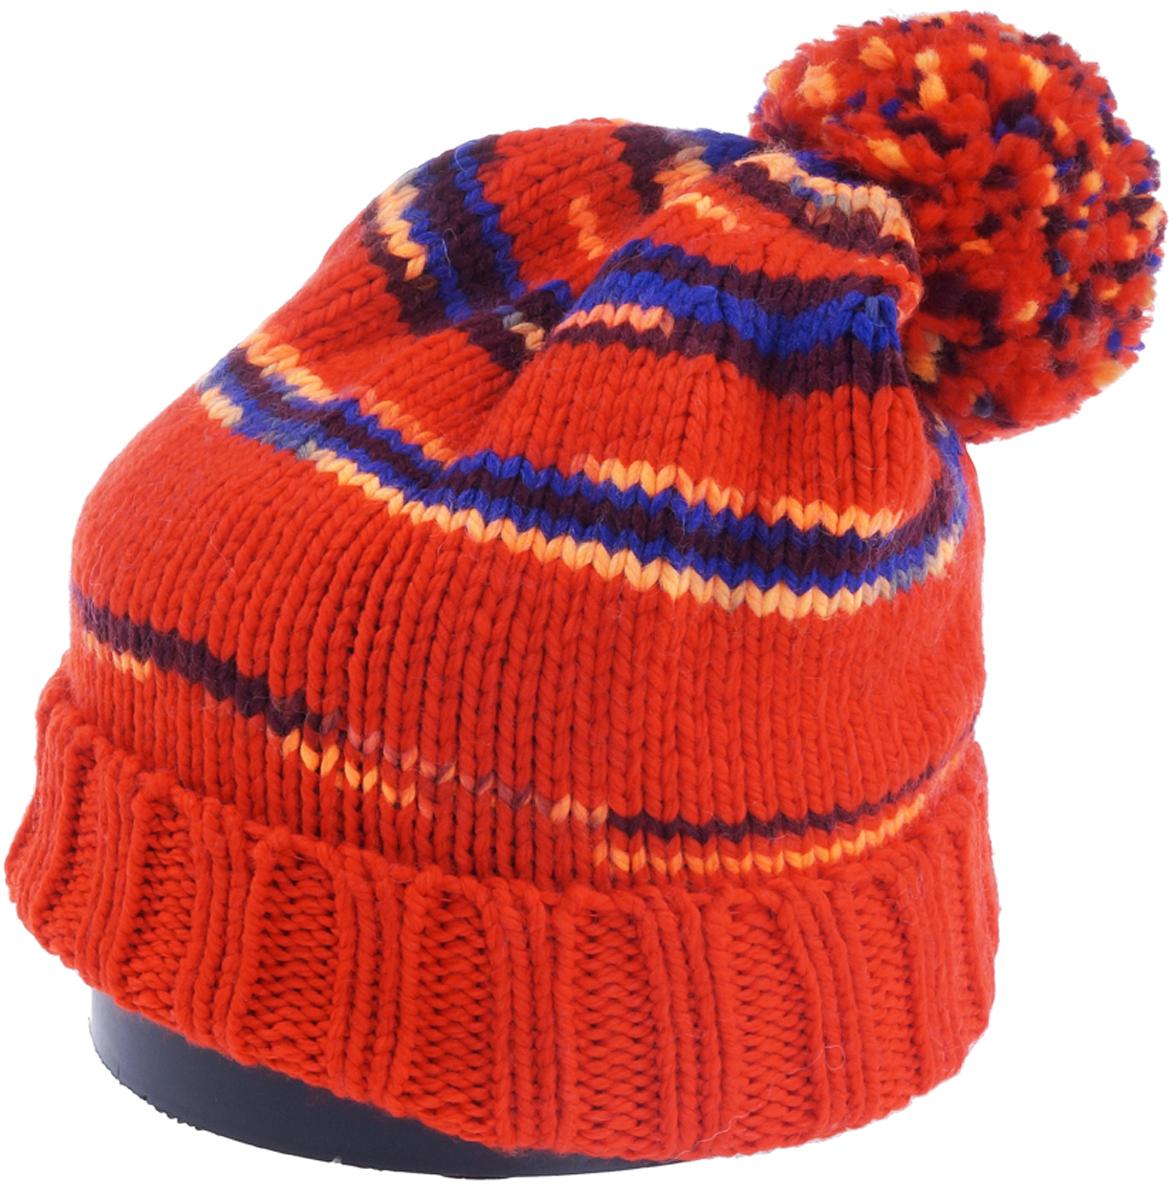 Шапка женская Vittorio Richi, цвет: оранжевый. Aut241809K-05/45/17. Размер 56/58Aut241809K-05/45/17Стильная женская шапка Vittorio Richi отлично дополнит ваш образ в холодную погоду. Модель, изготовленная из шерсти с добавлением полиамида, максимально сохраняет тепло и обеспечивает удобную посадку. Шапка дополнена принтом и помпоном. Привлекательная стильная шапка подчеркнет ваш неповторимый стиль и индивидуальность.